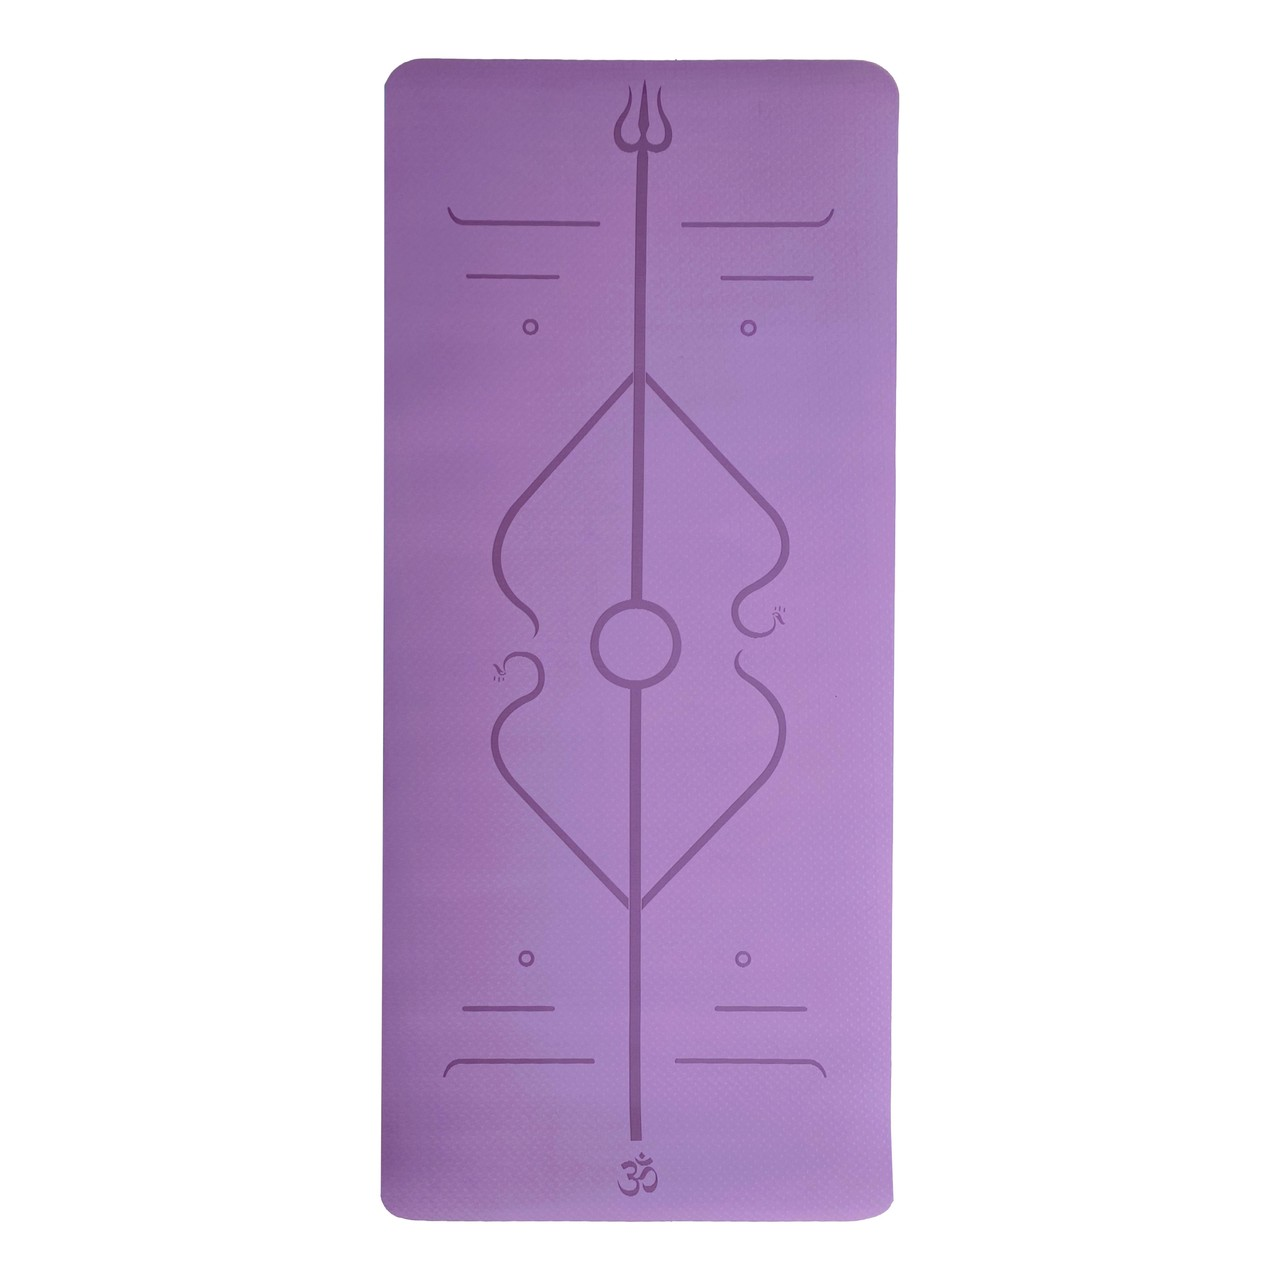 Tapete de Yoga TPE Grande e Largo - Linhas de Posturas - Roxo - 6mm 183x80cm